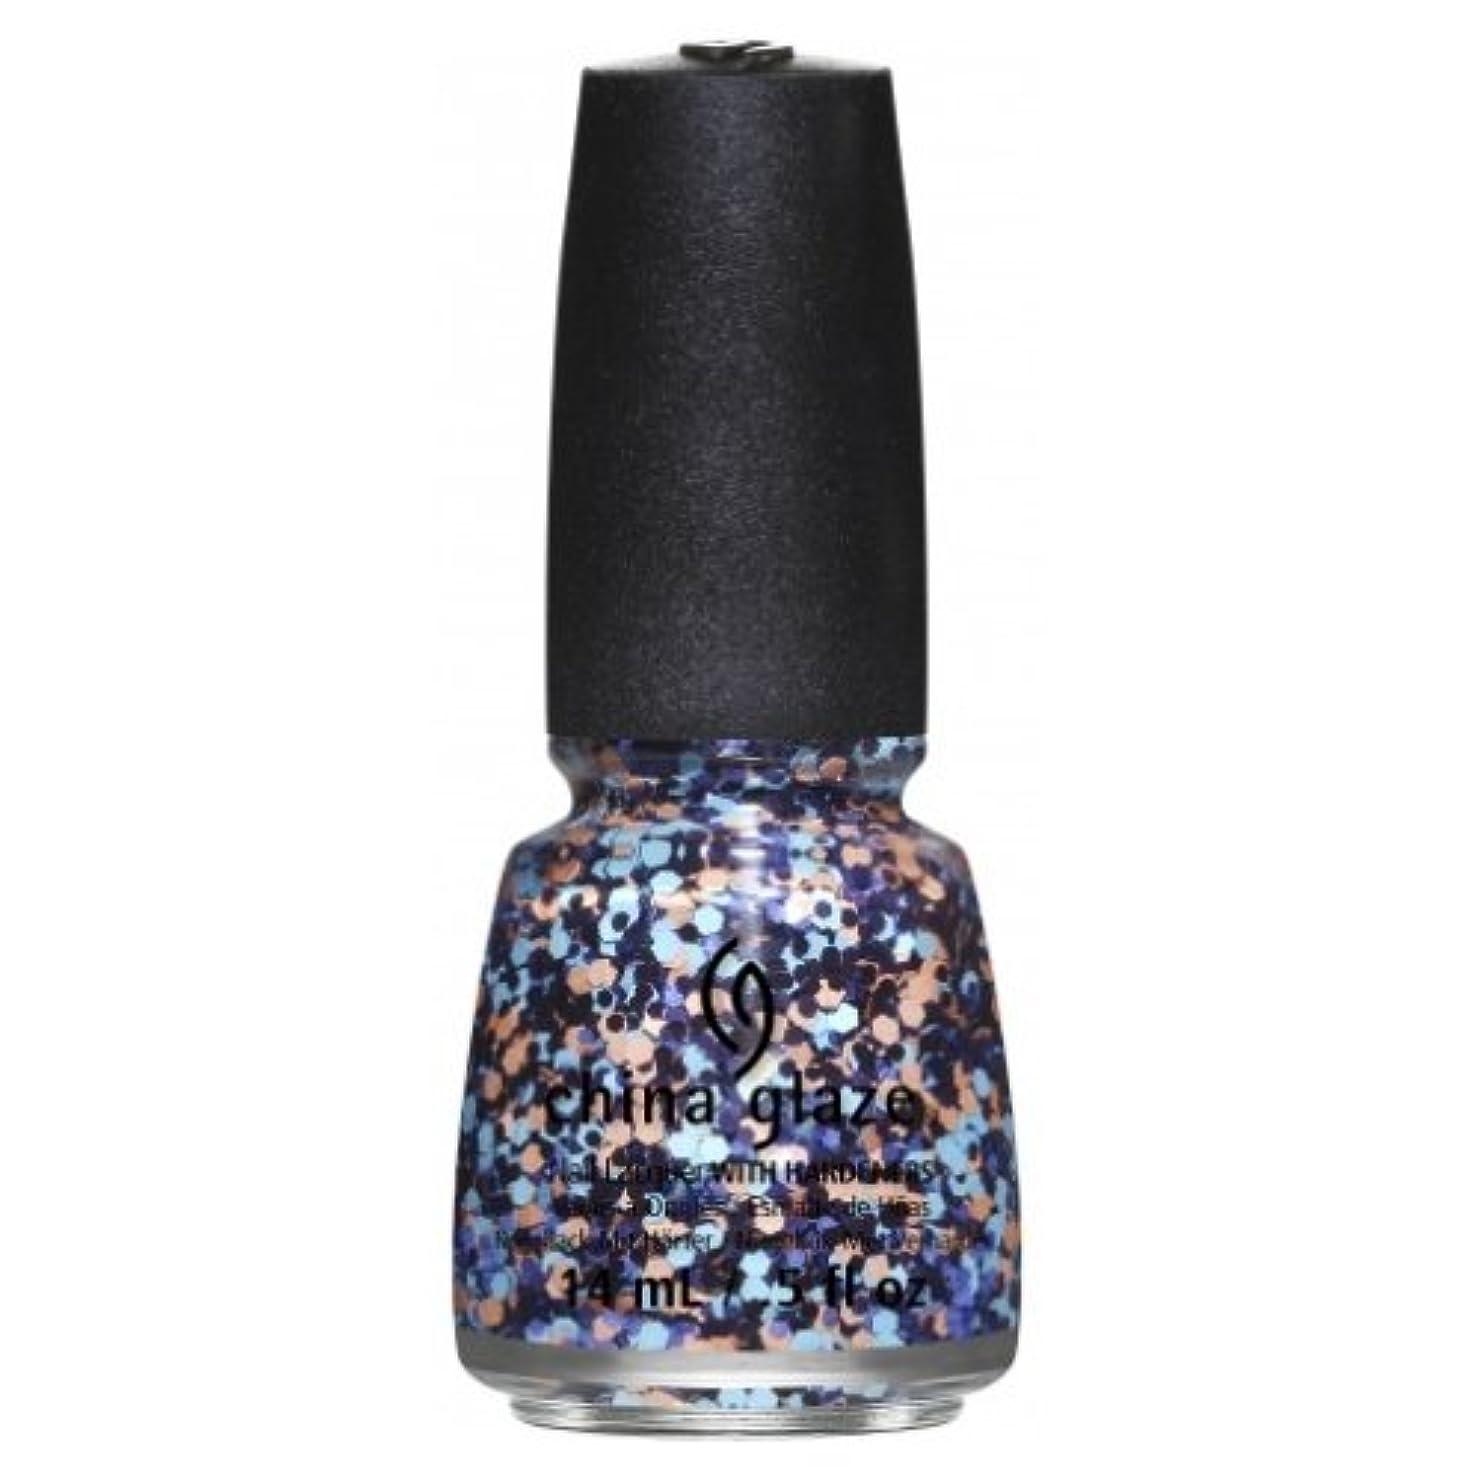 証拠言い訳セール(3 Pack) CHINA GLAZE Nail Lacquer - Suprise Collection - Glitter Up (並行輸入品)